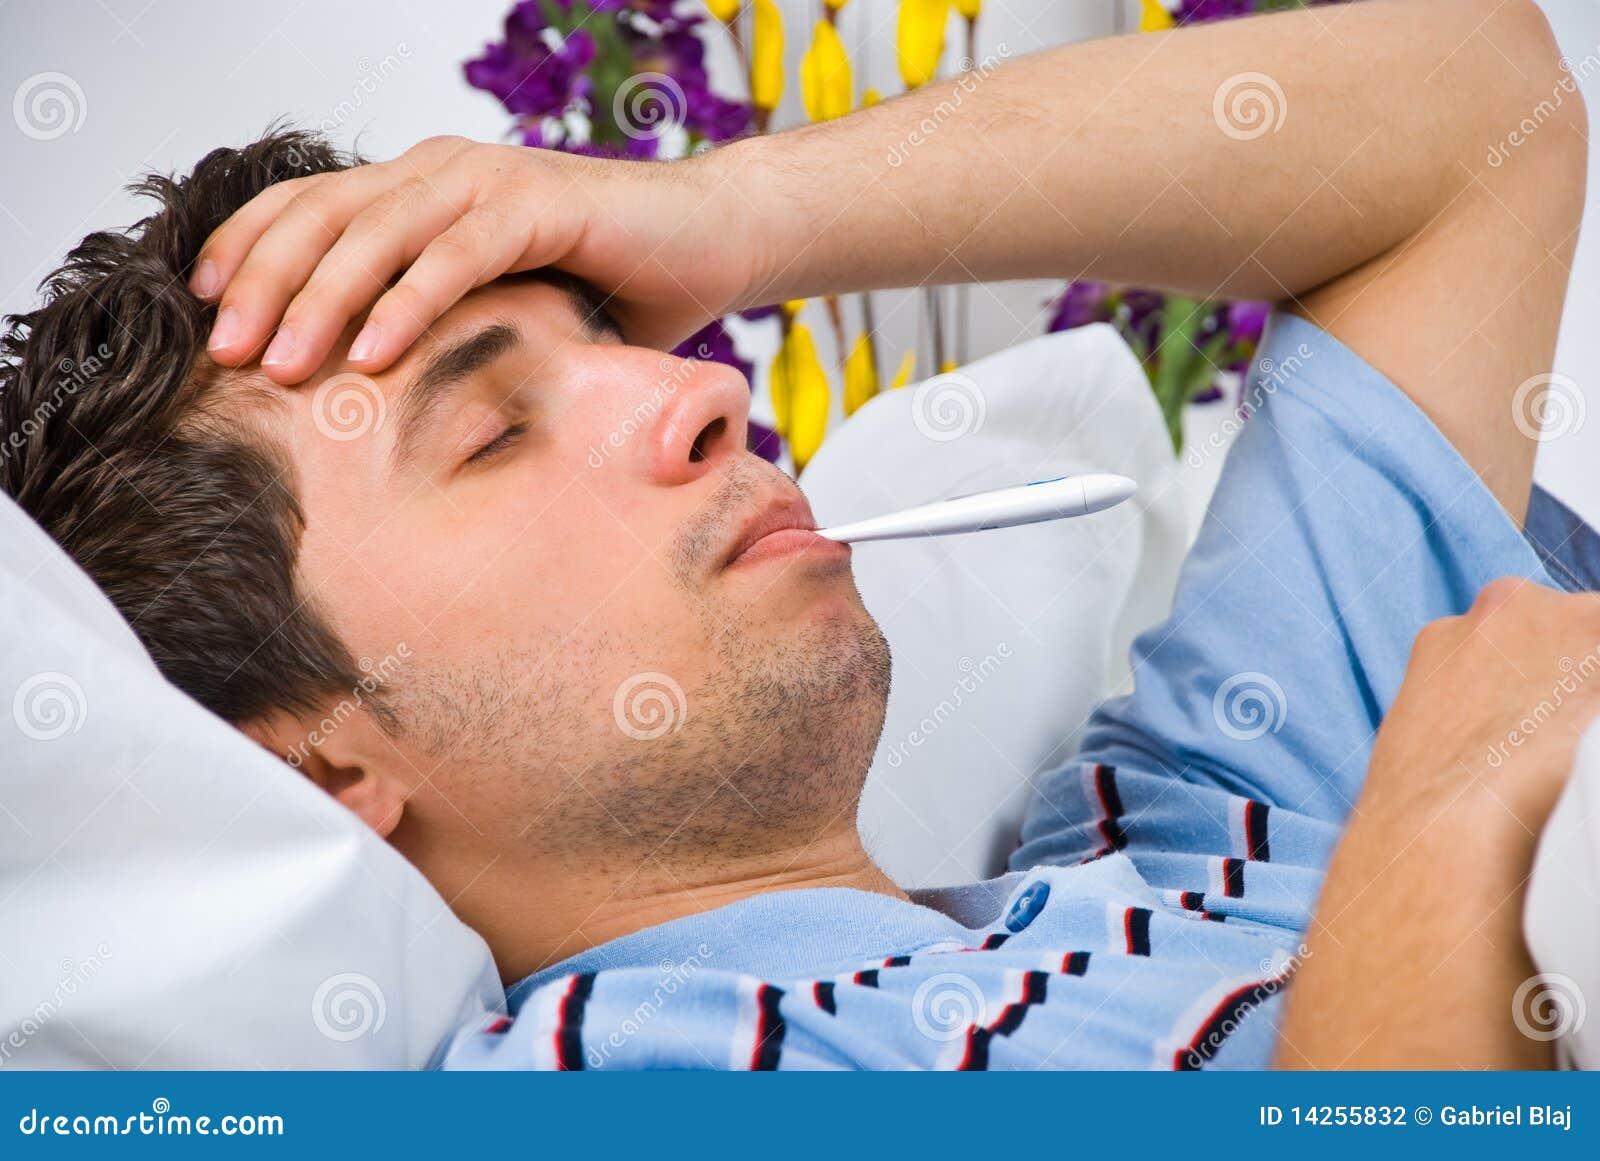 Ciérrese para arriba de hombre con gripe